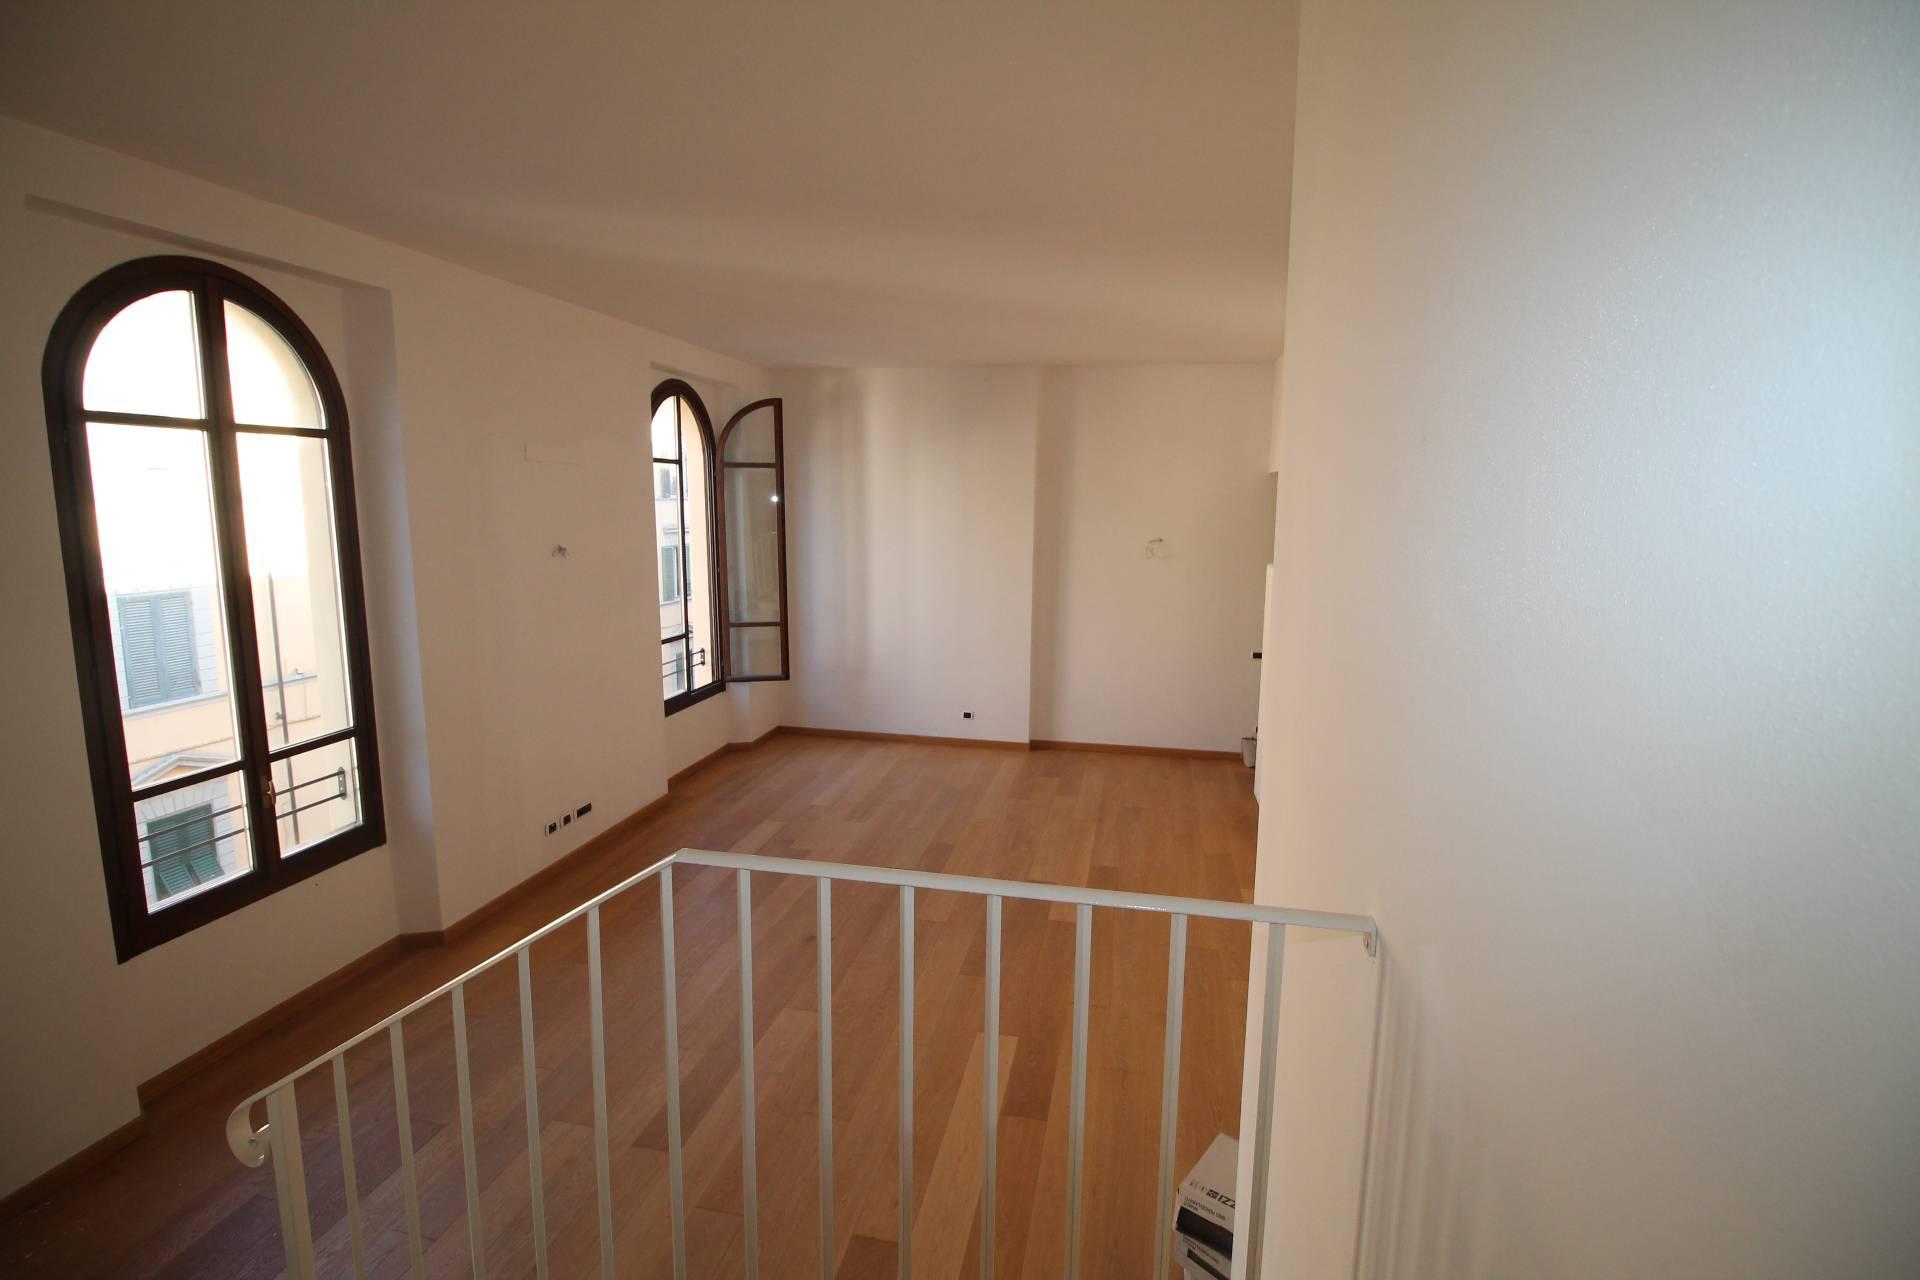 Appartamento nuova costruzione con terrazza abitabile – Corso Italia, Pisa